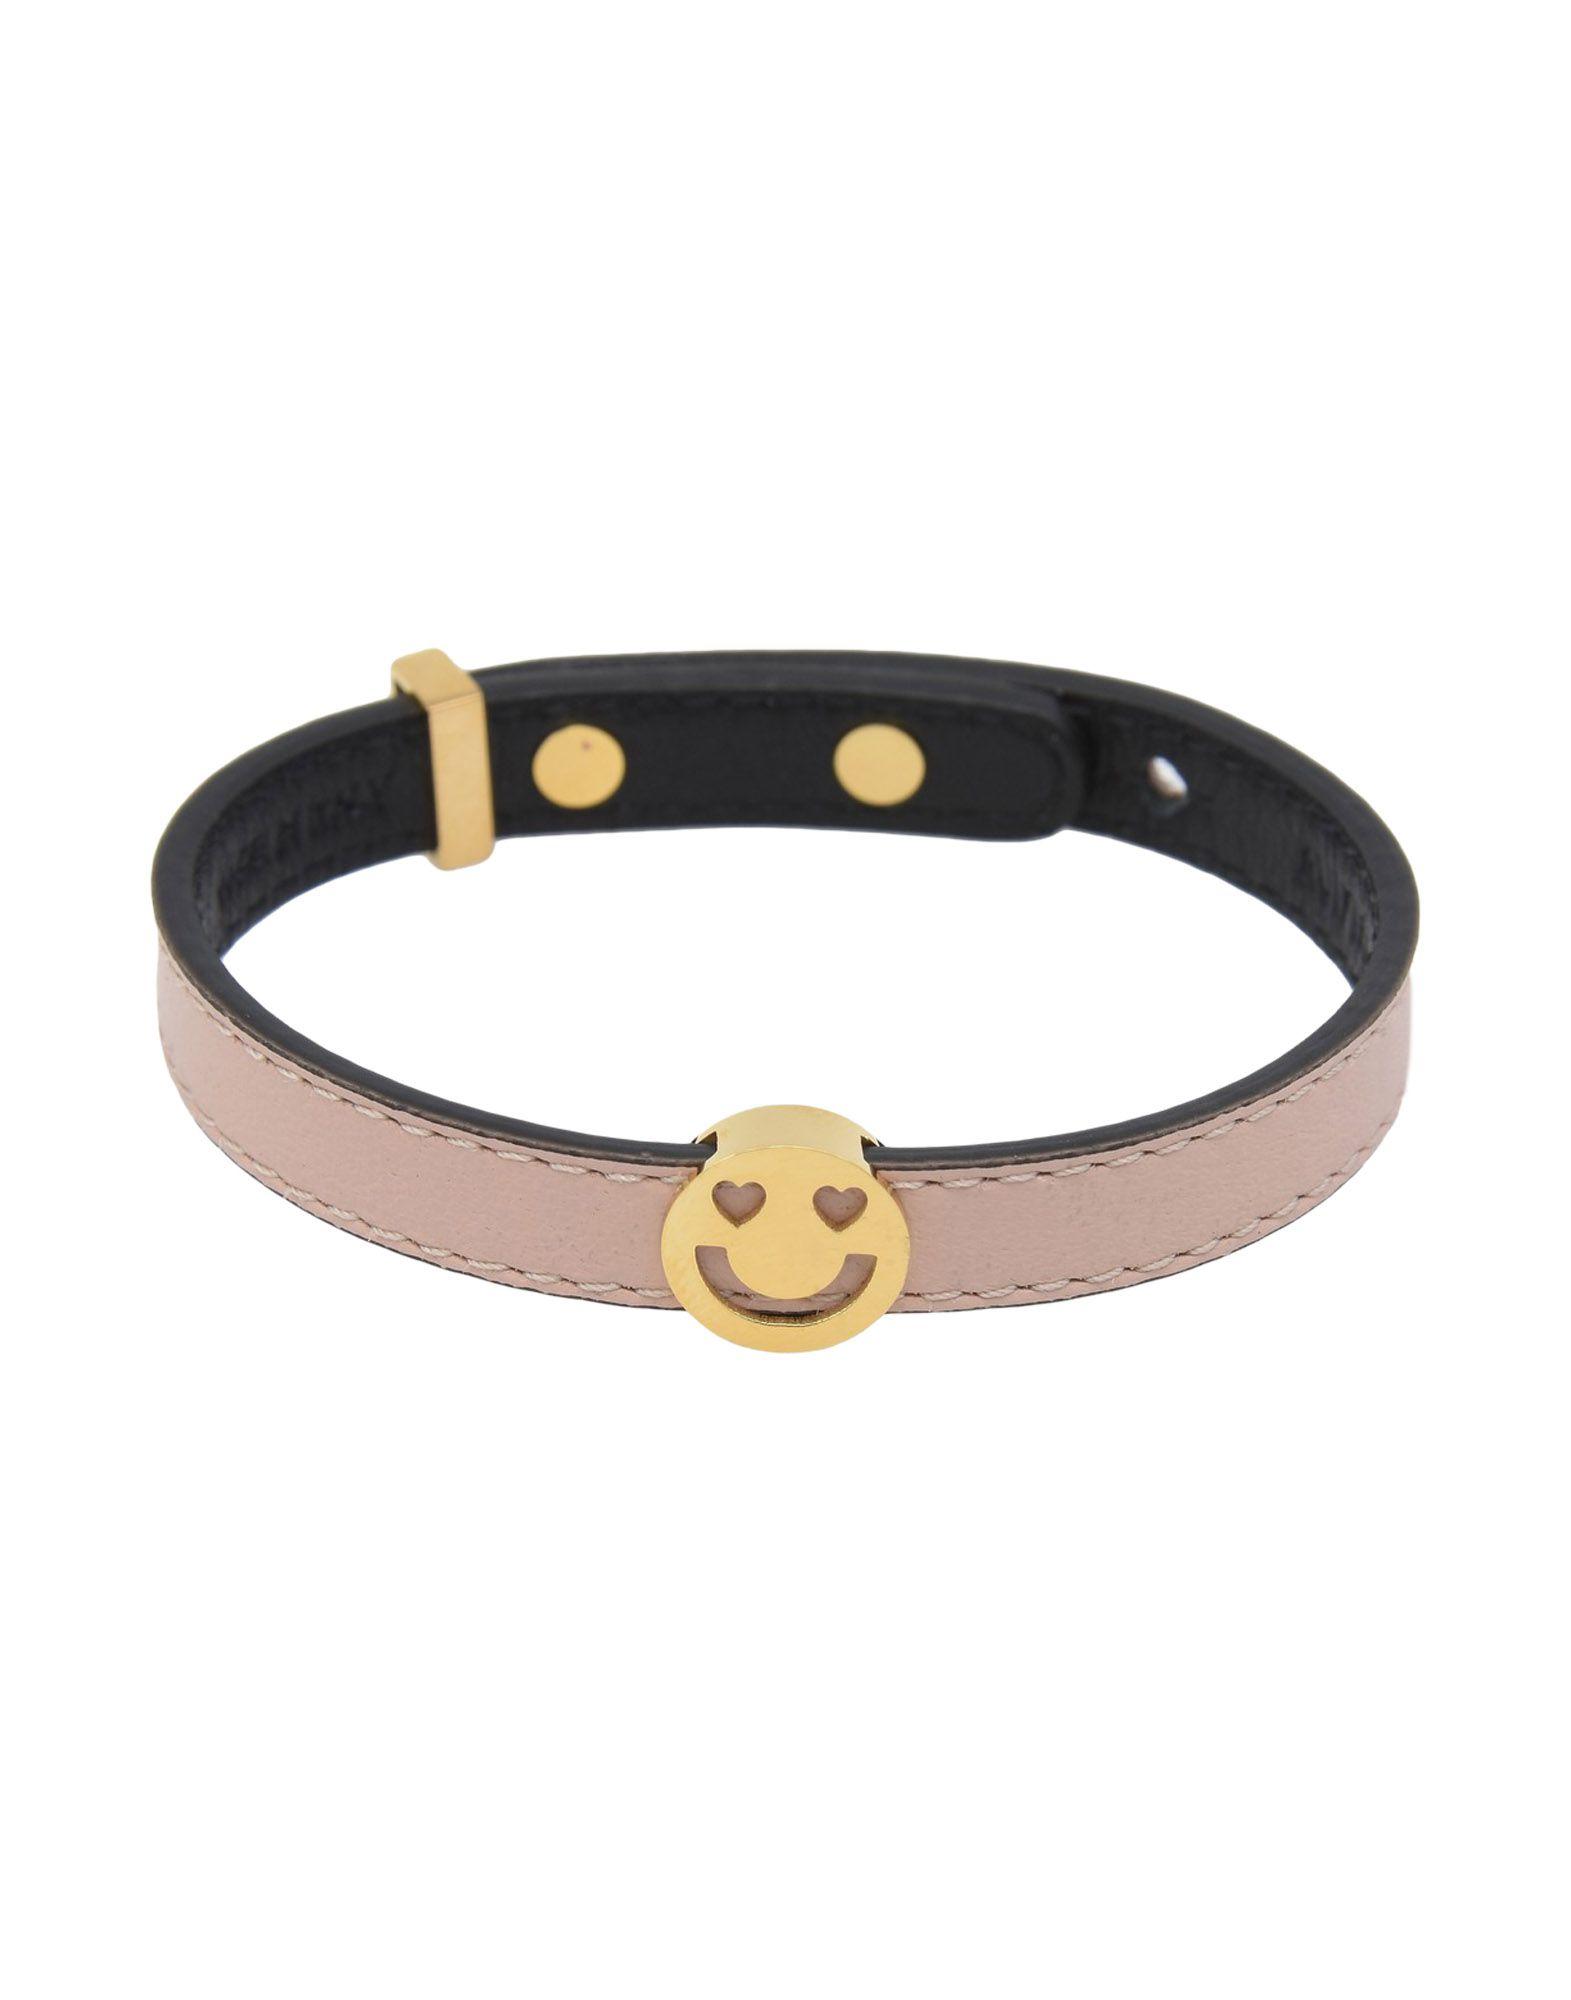 RUIFIER Bracelet in Pale Pink